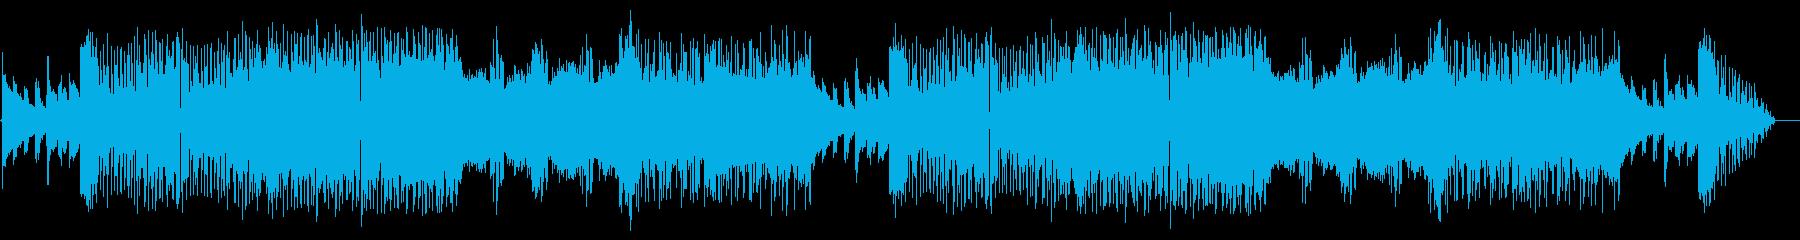 サイバーパンクな戦闘曲(ボス戦)の再生済みの波形